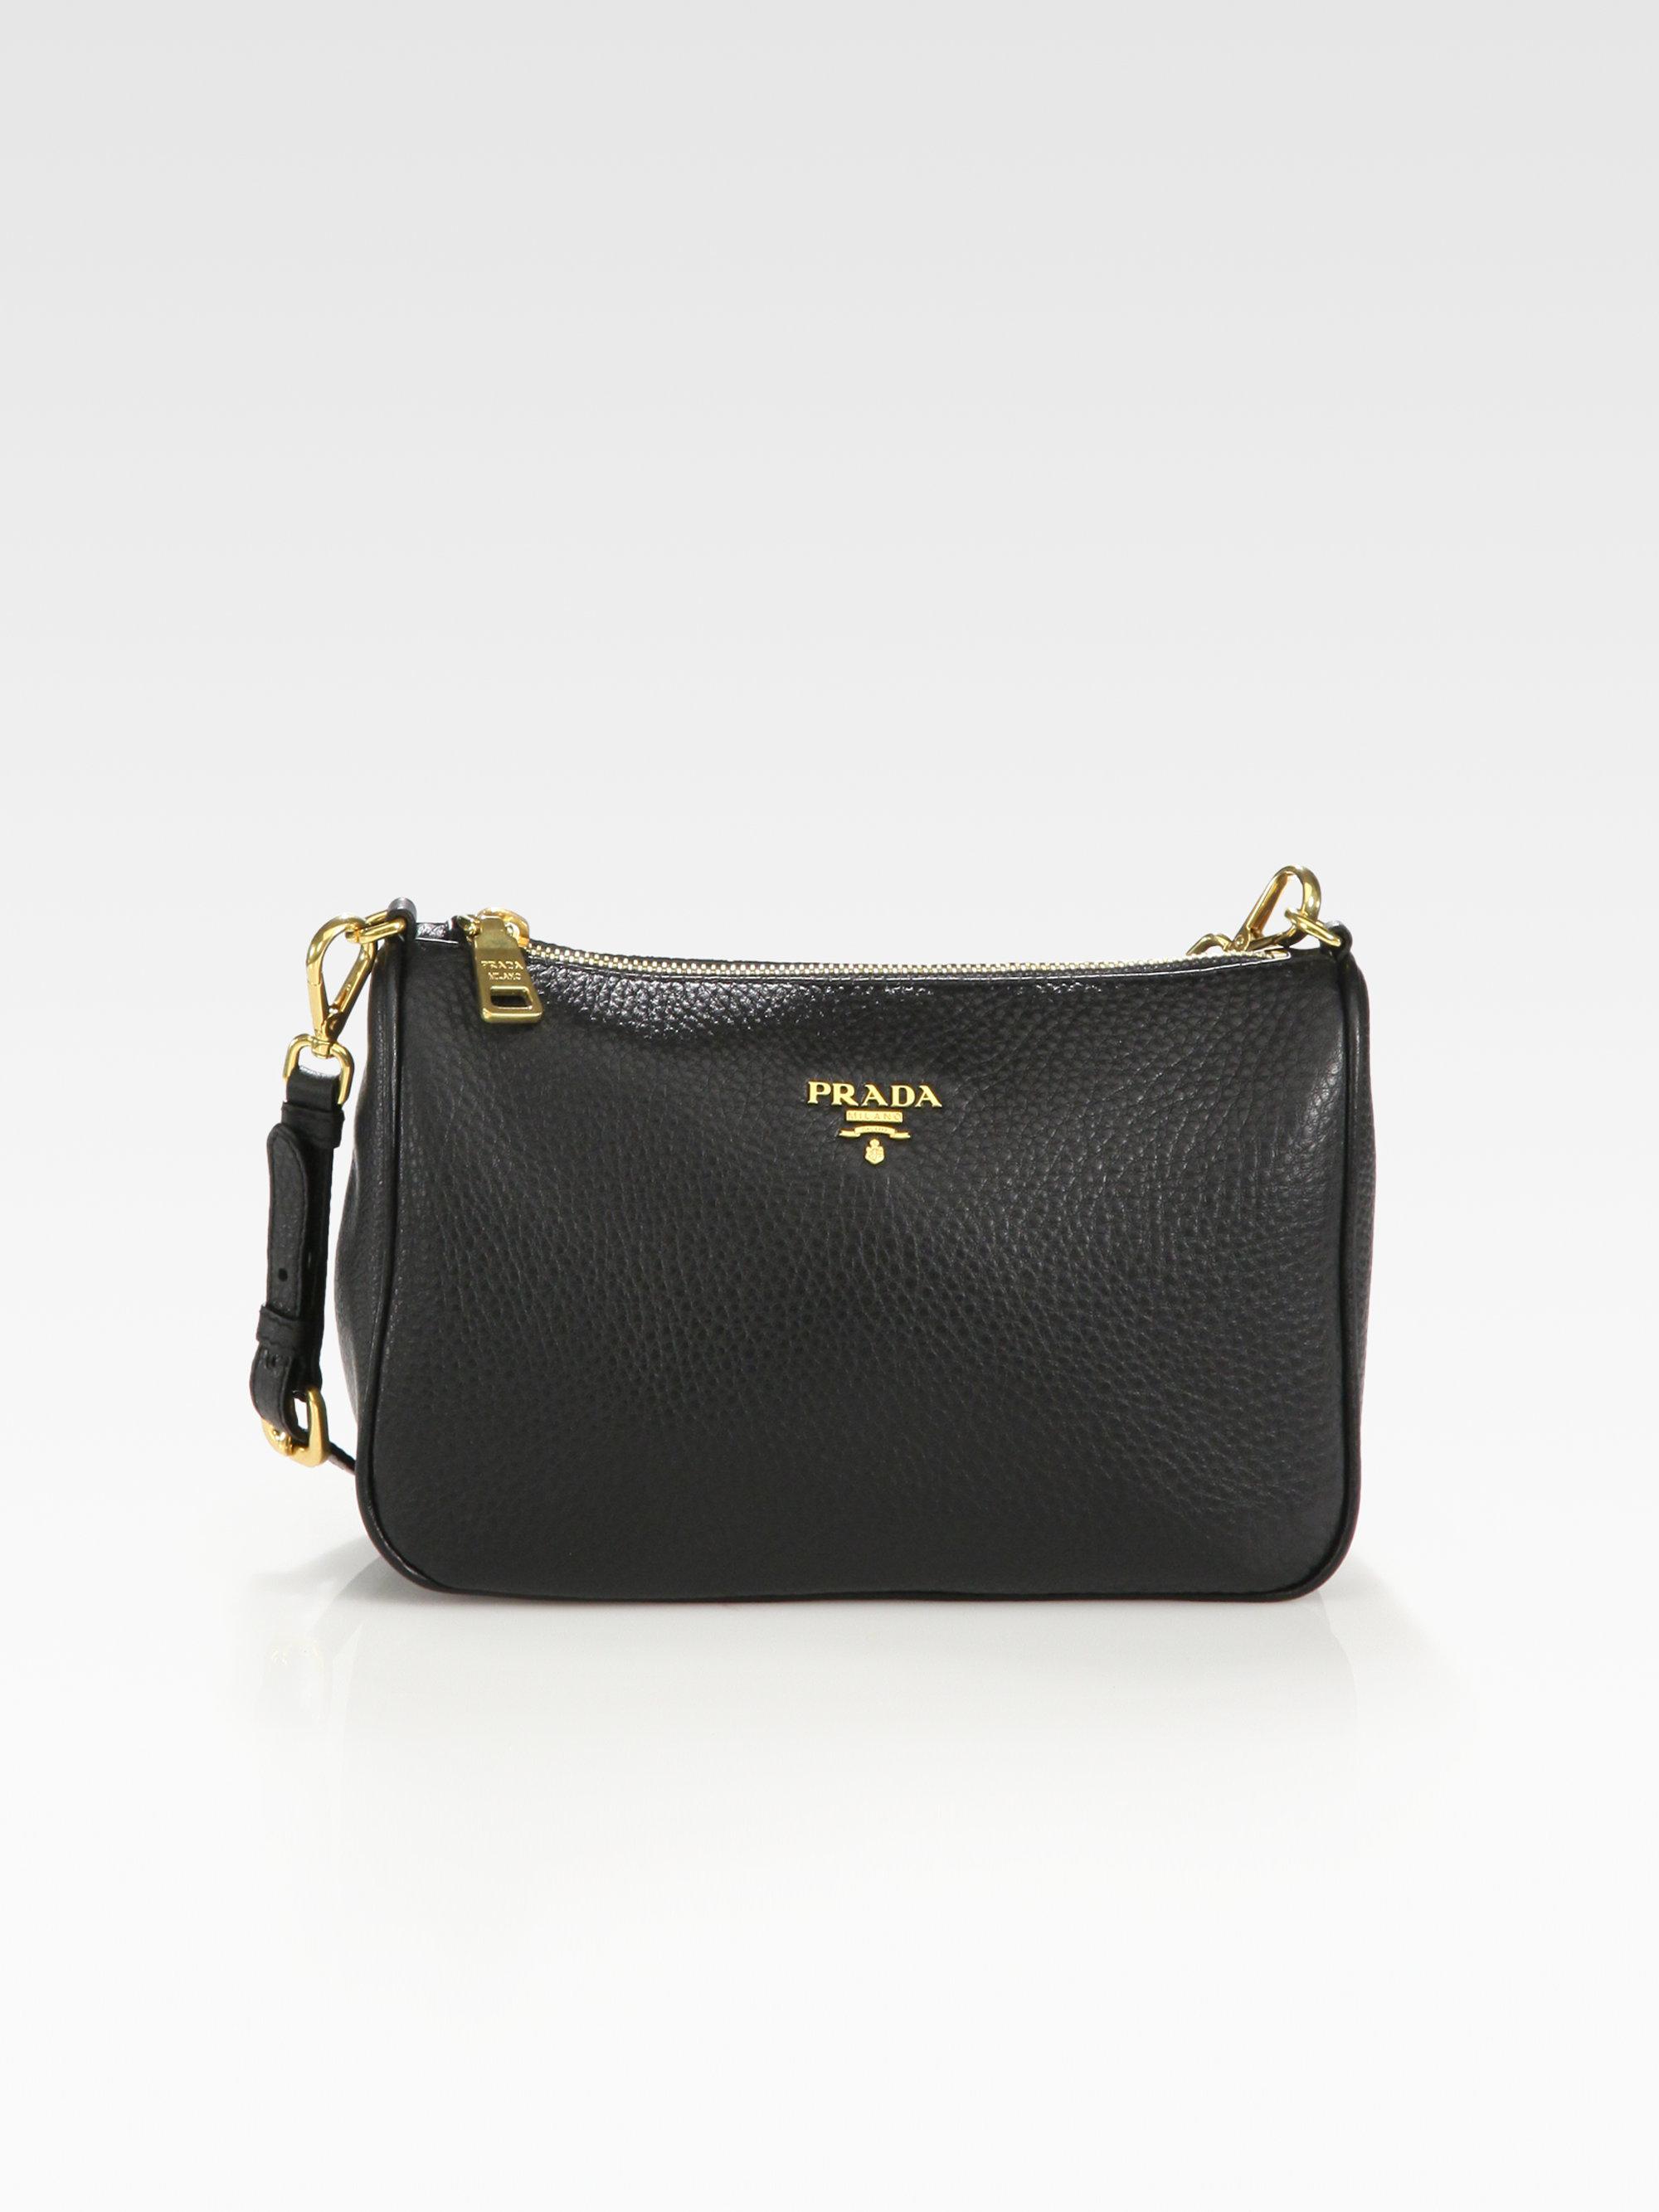 Prada Daino Mini Hobo Bag in Black